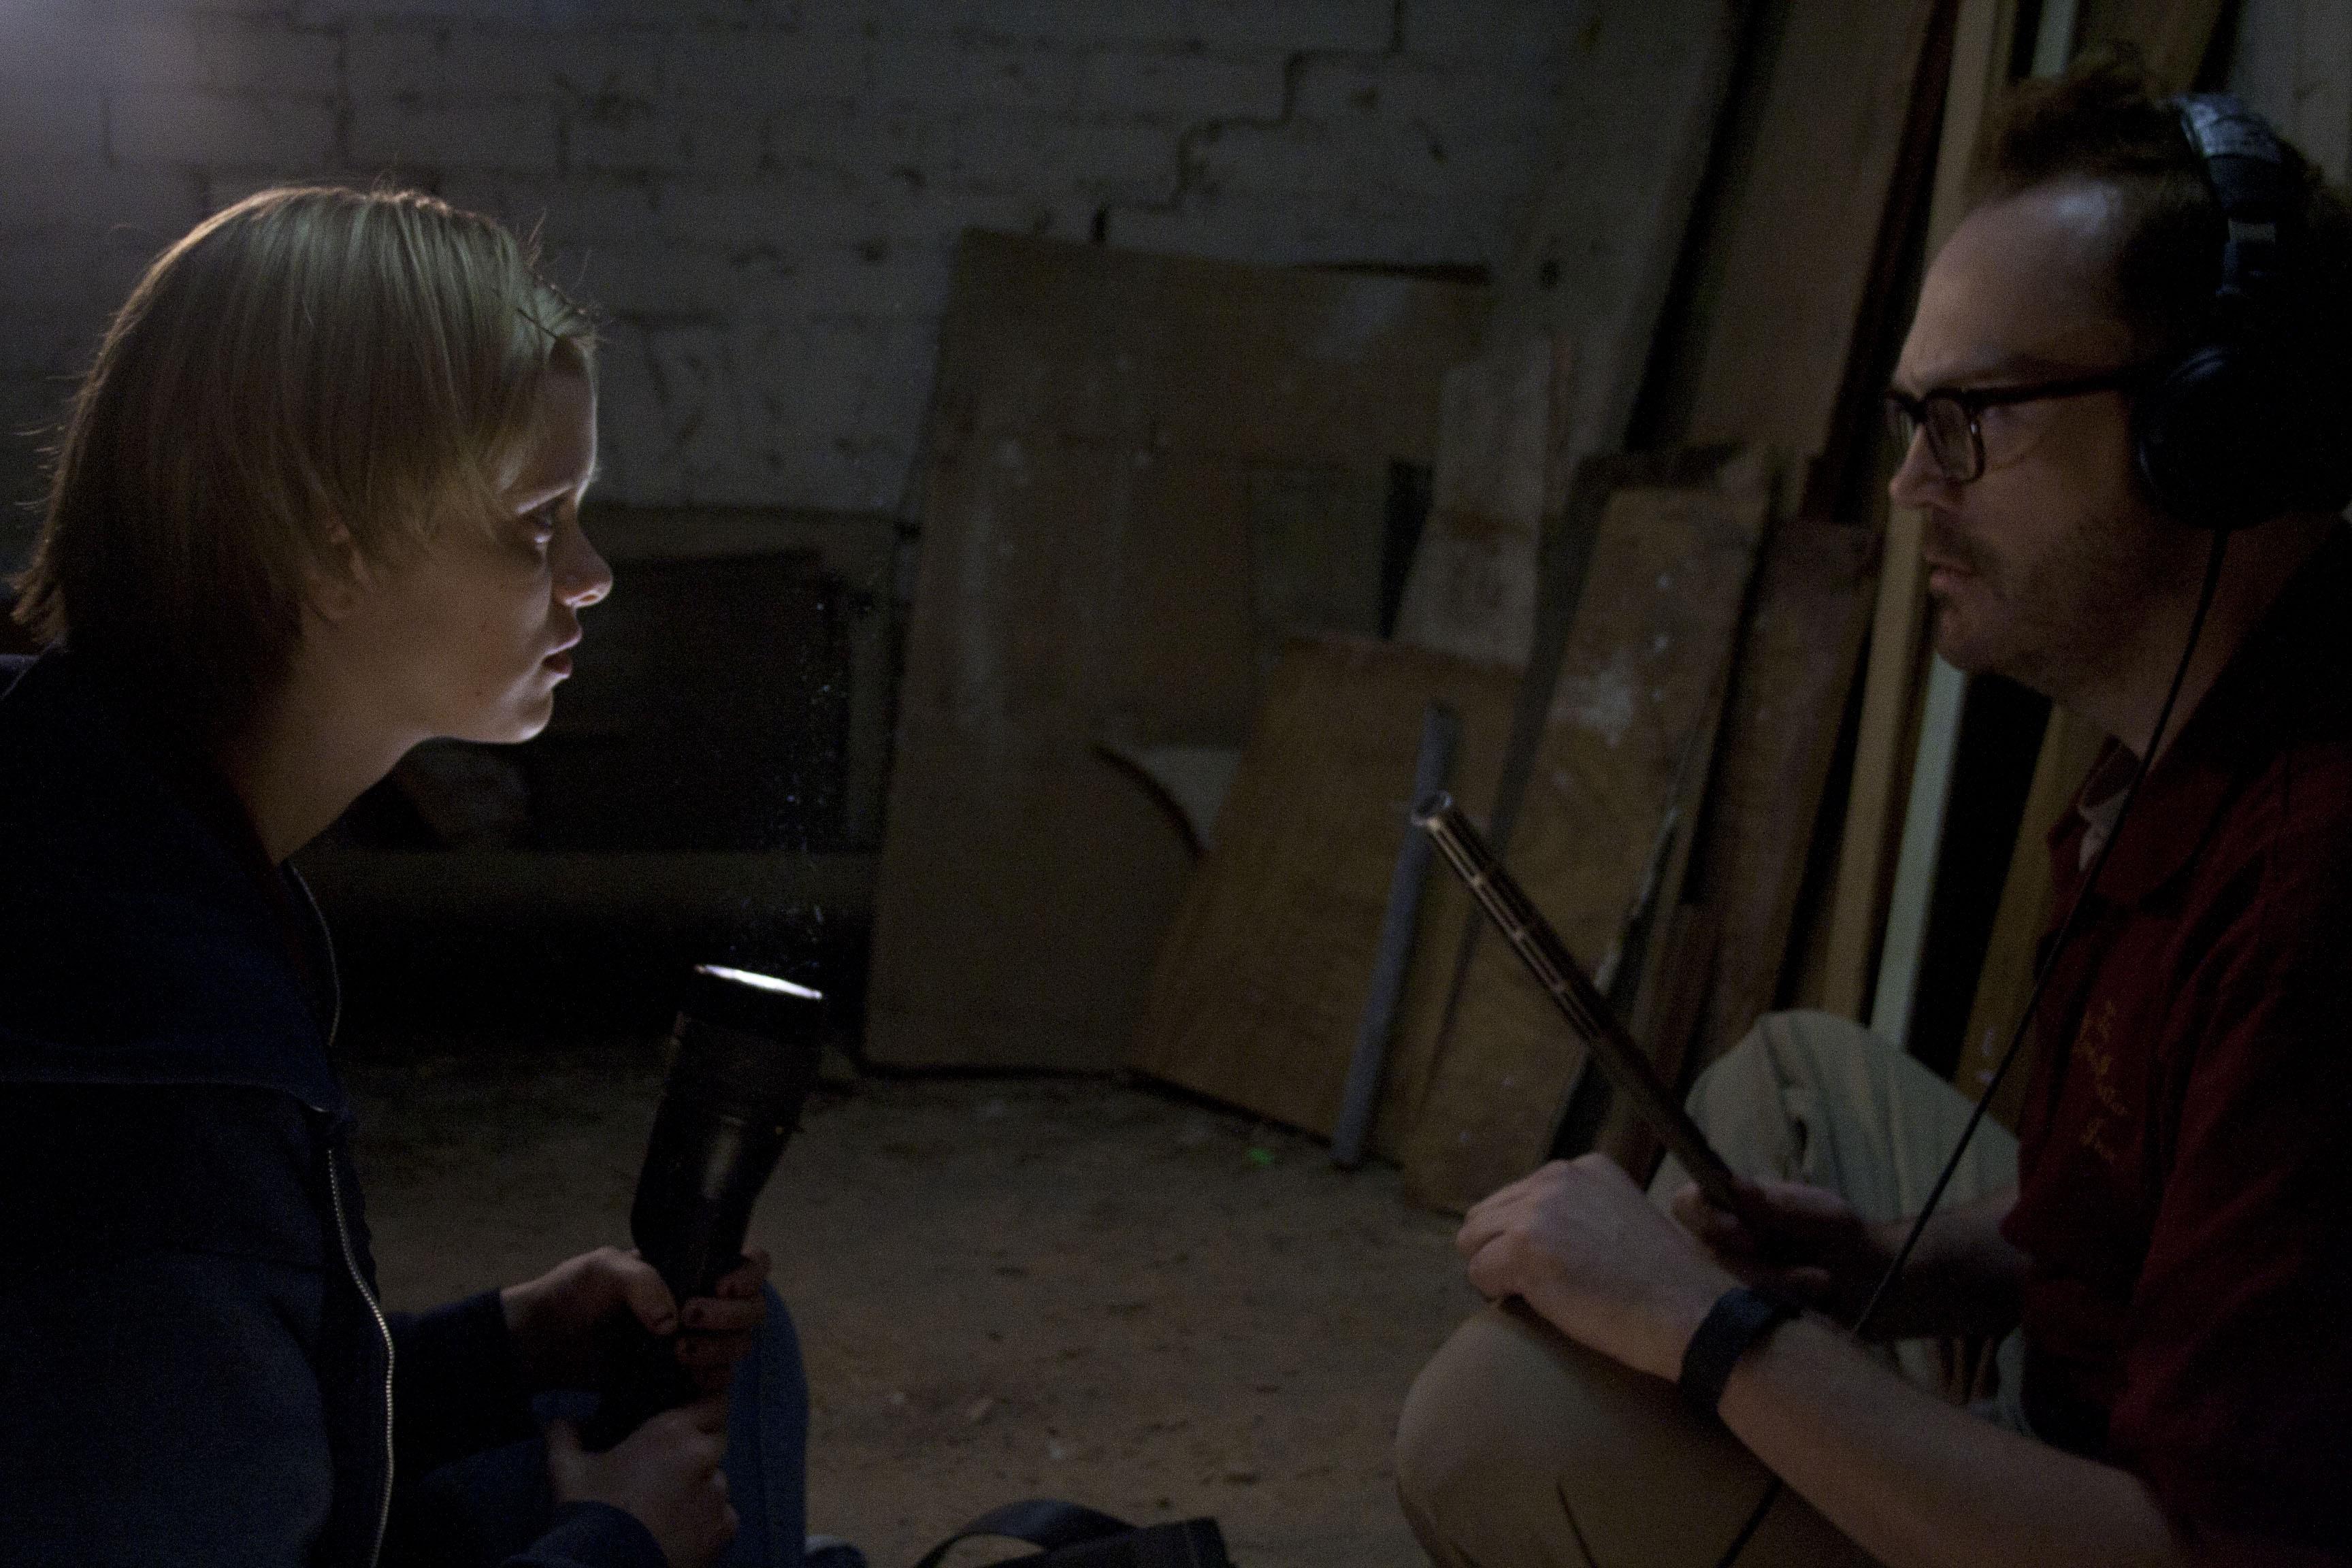 кадры из фильма Тайны старого отеля Сара Пэкстон, Пэт Хили,